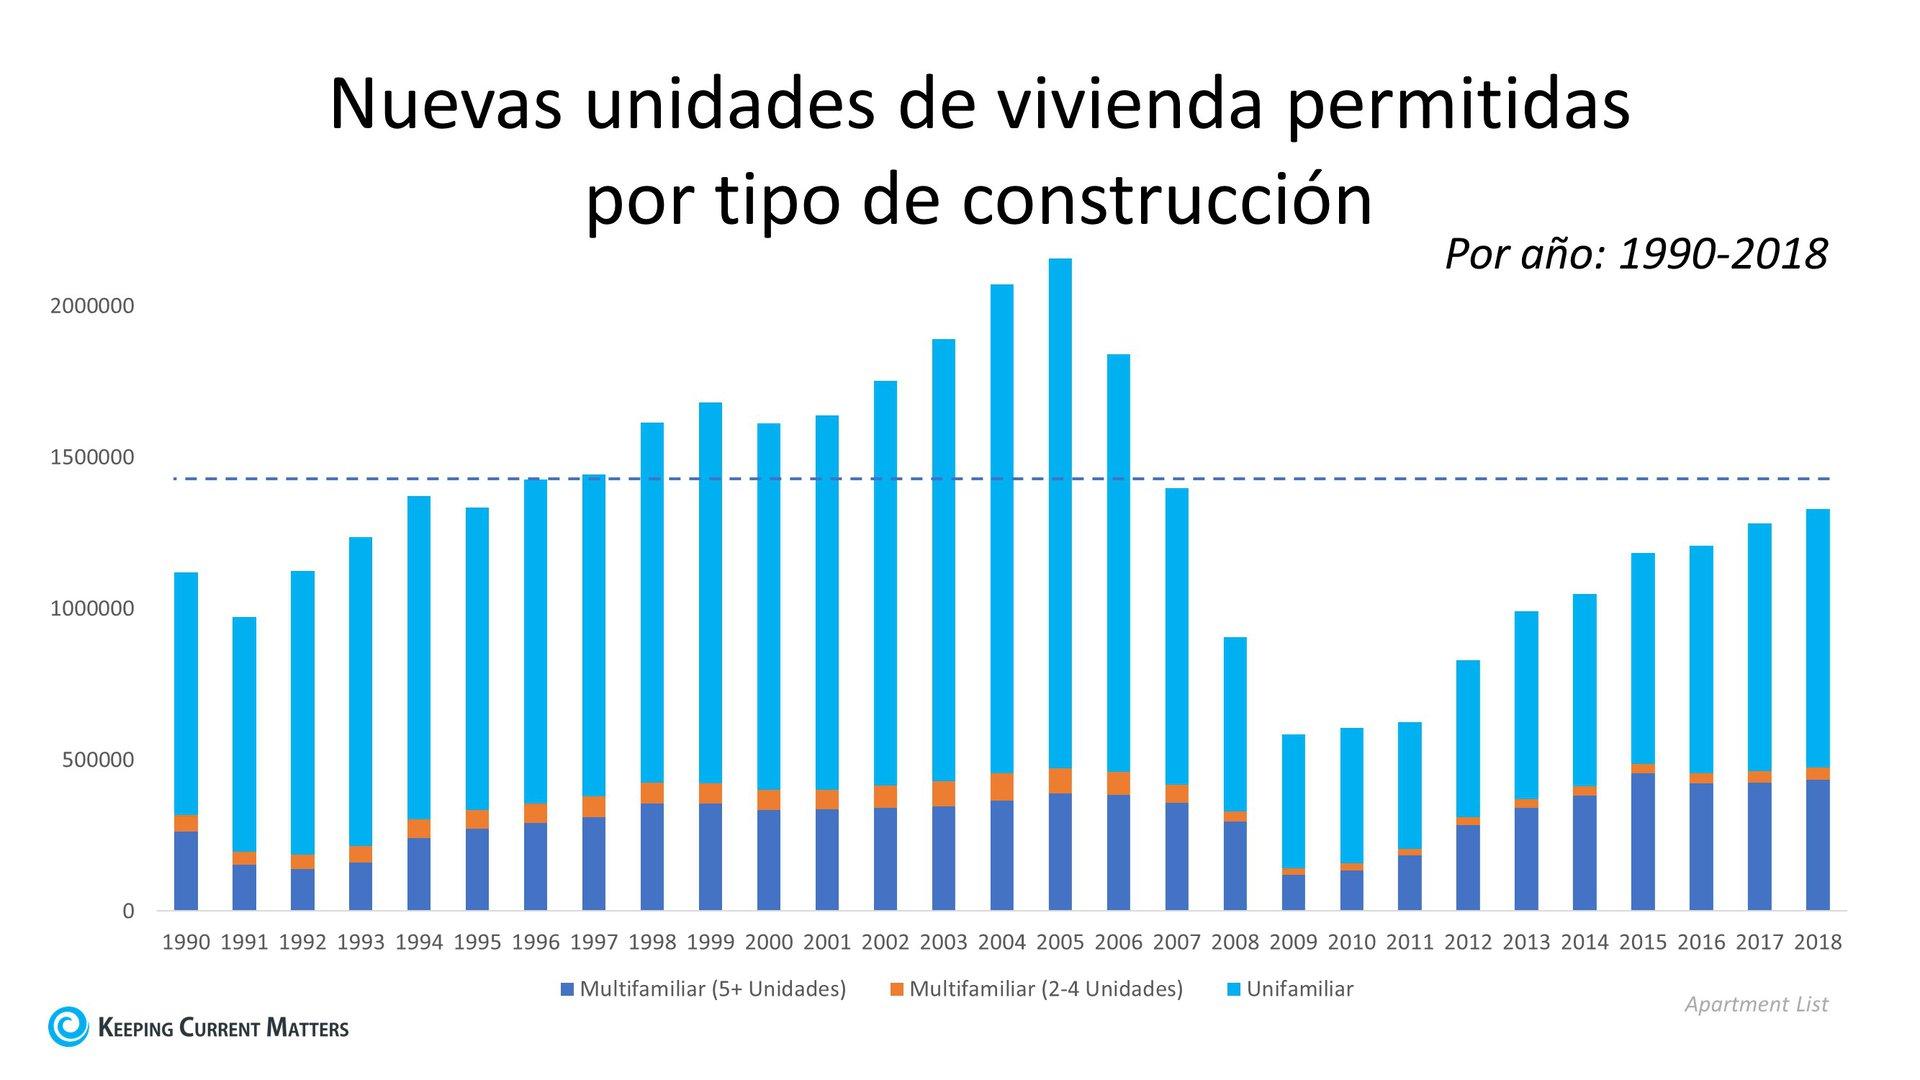 El suministro de la vivienda no se mantiene con el aumento de la población | Keeping Current Matters